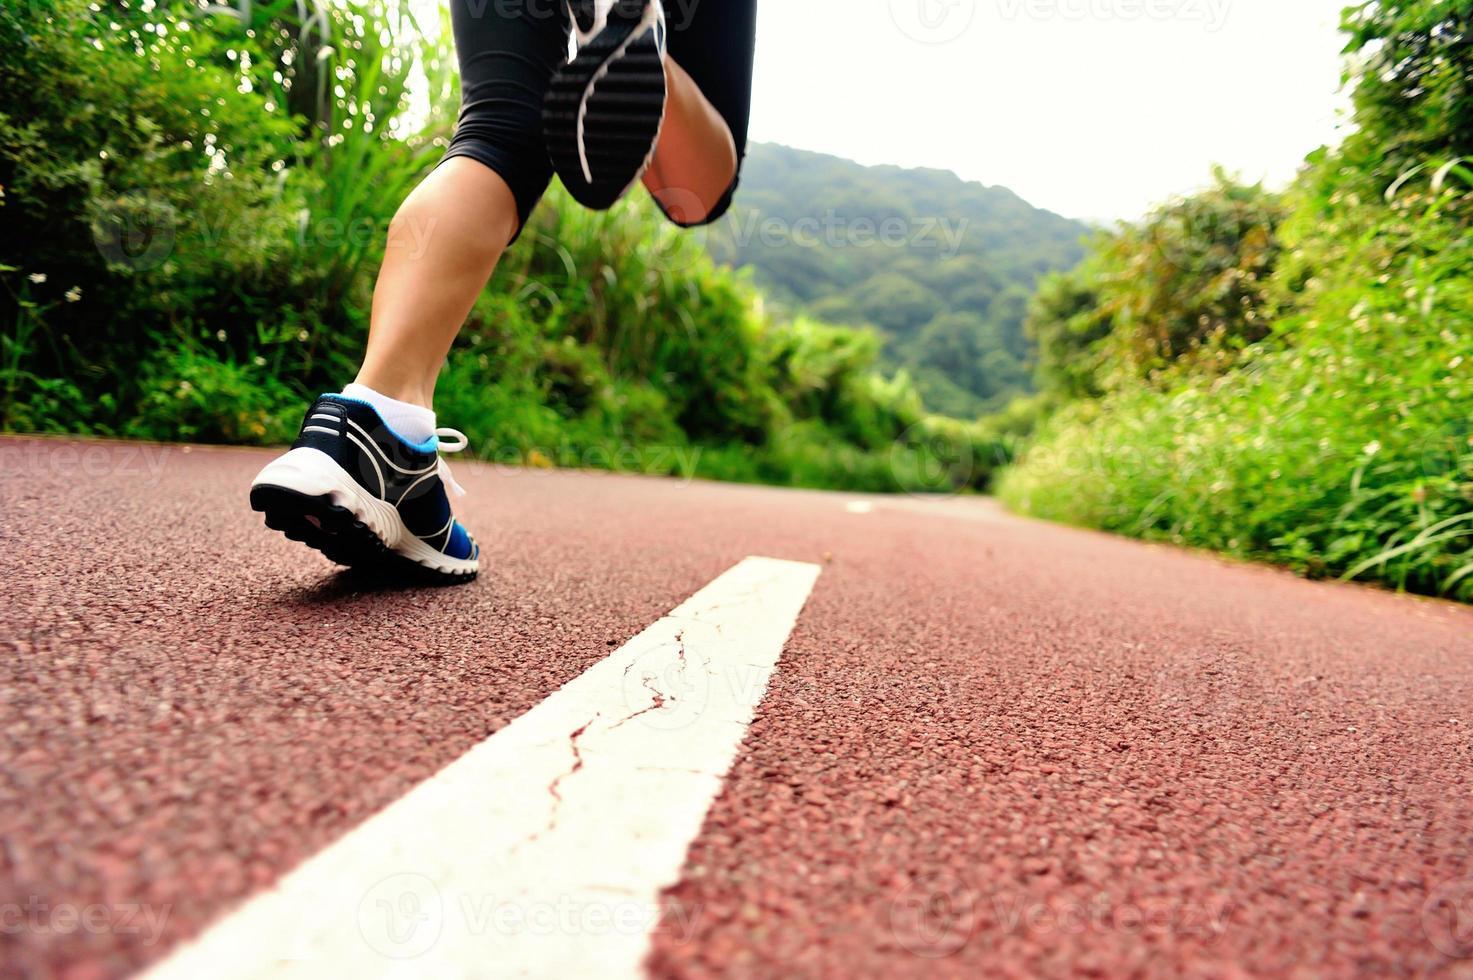 piernas de atleta corredor foto